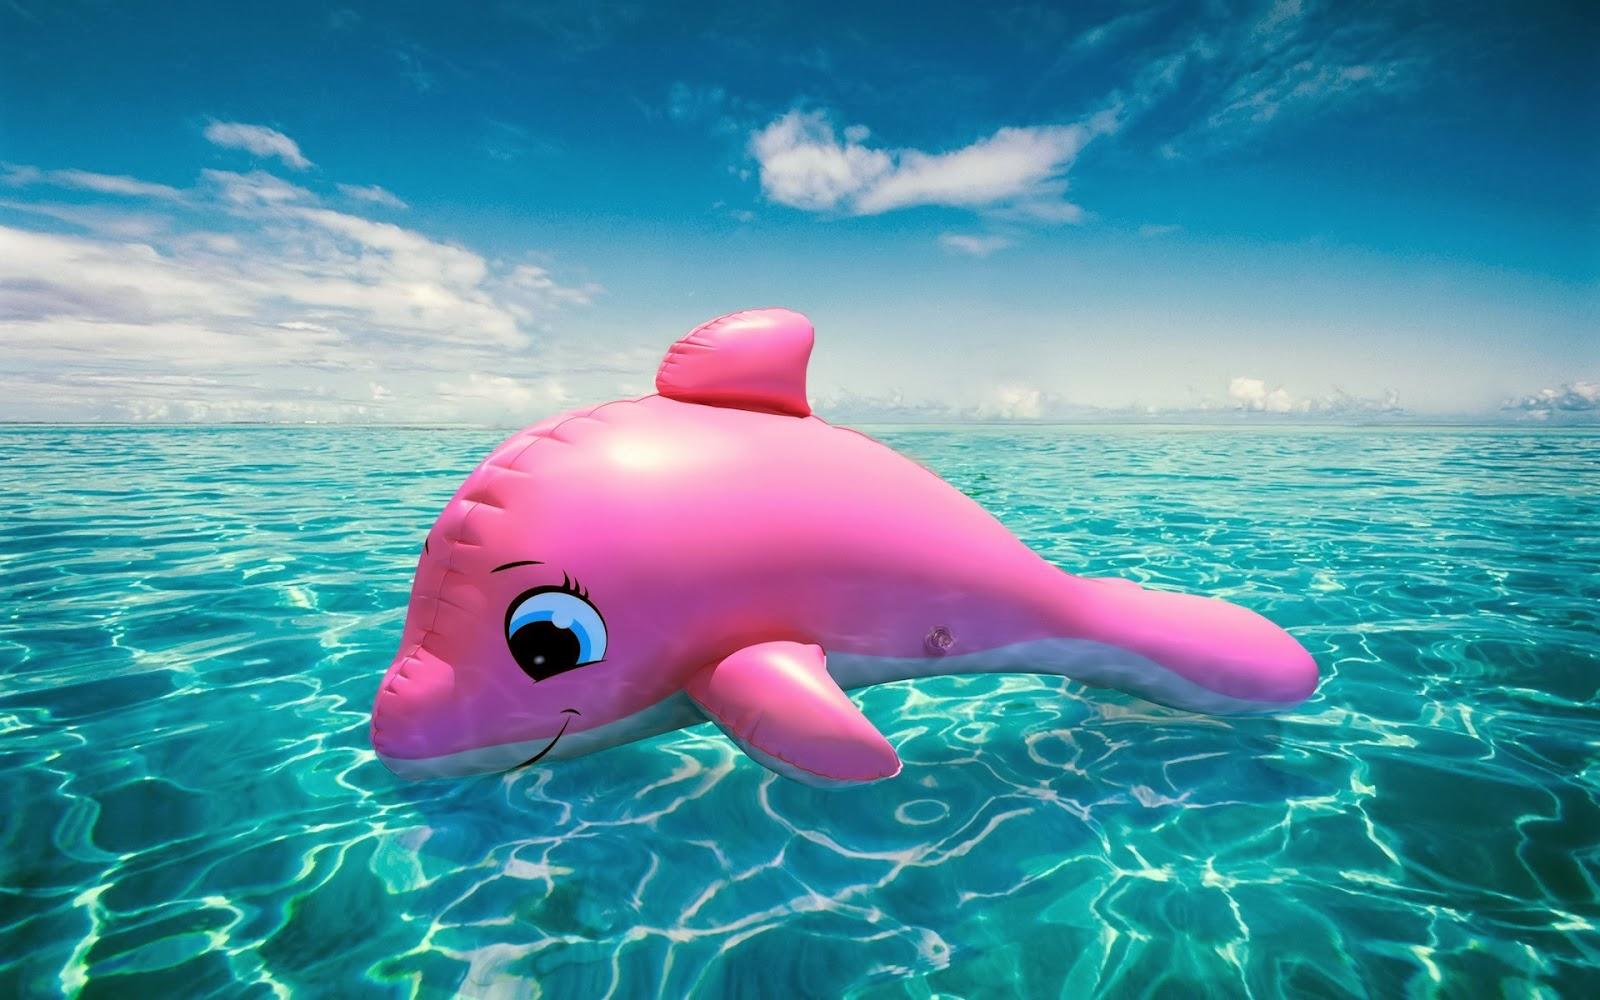 Roze Dolfijn In Blauw Water Hd Wallpapers